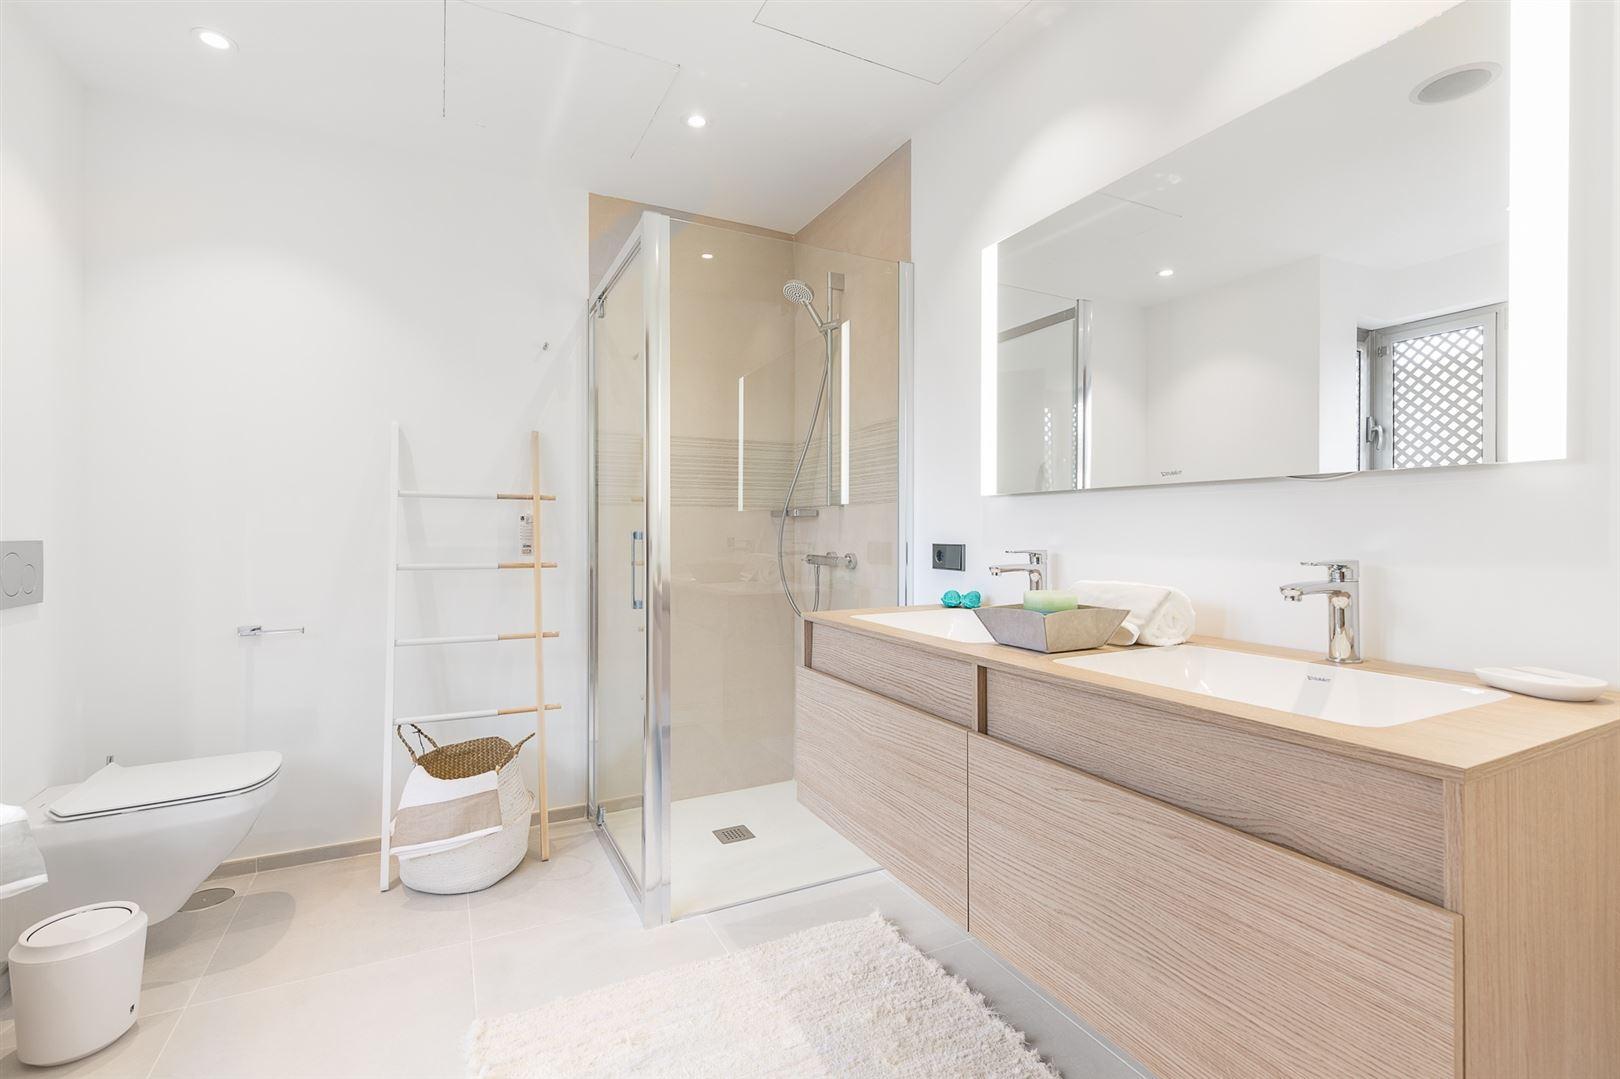 Foto 16 : Appartement te  ARONA - PALM MAR (Spanje) - Prijs Prijs op aanvraag